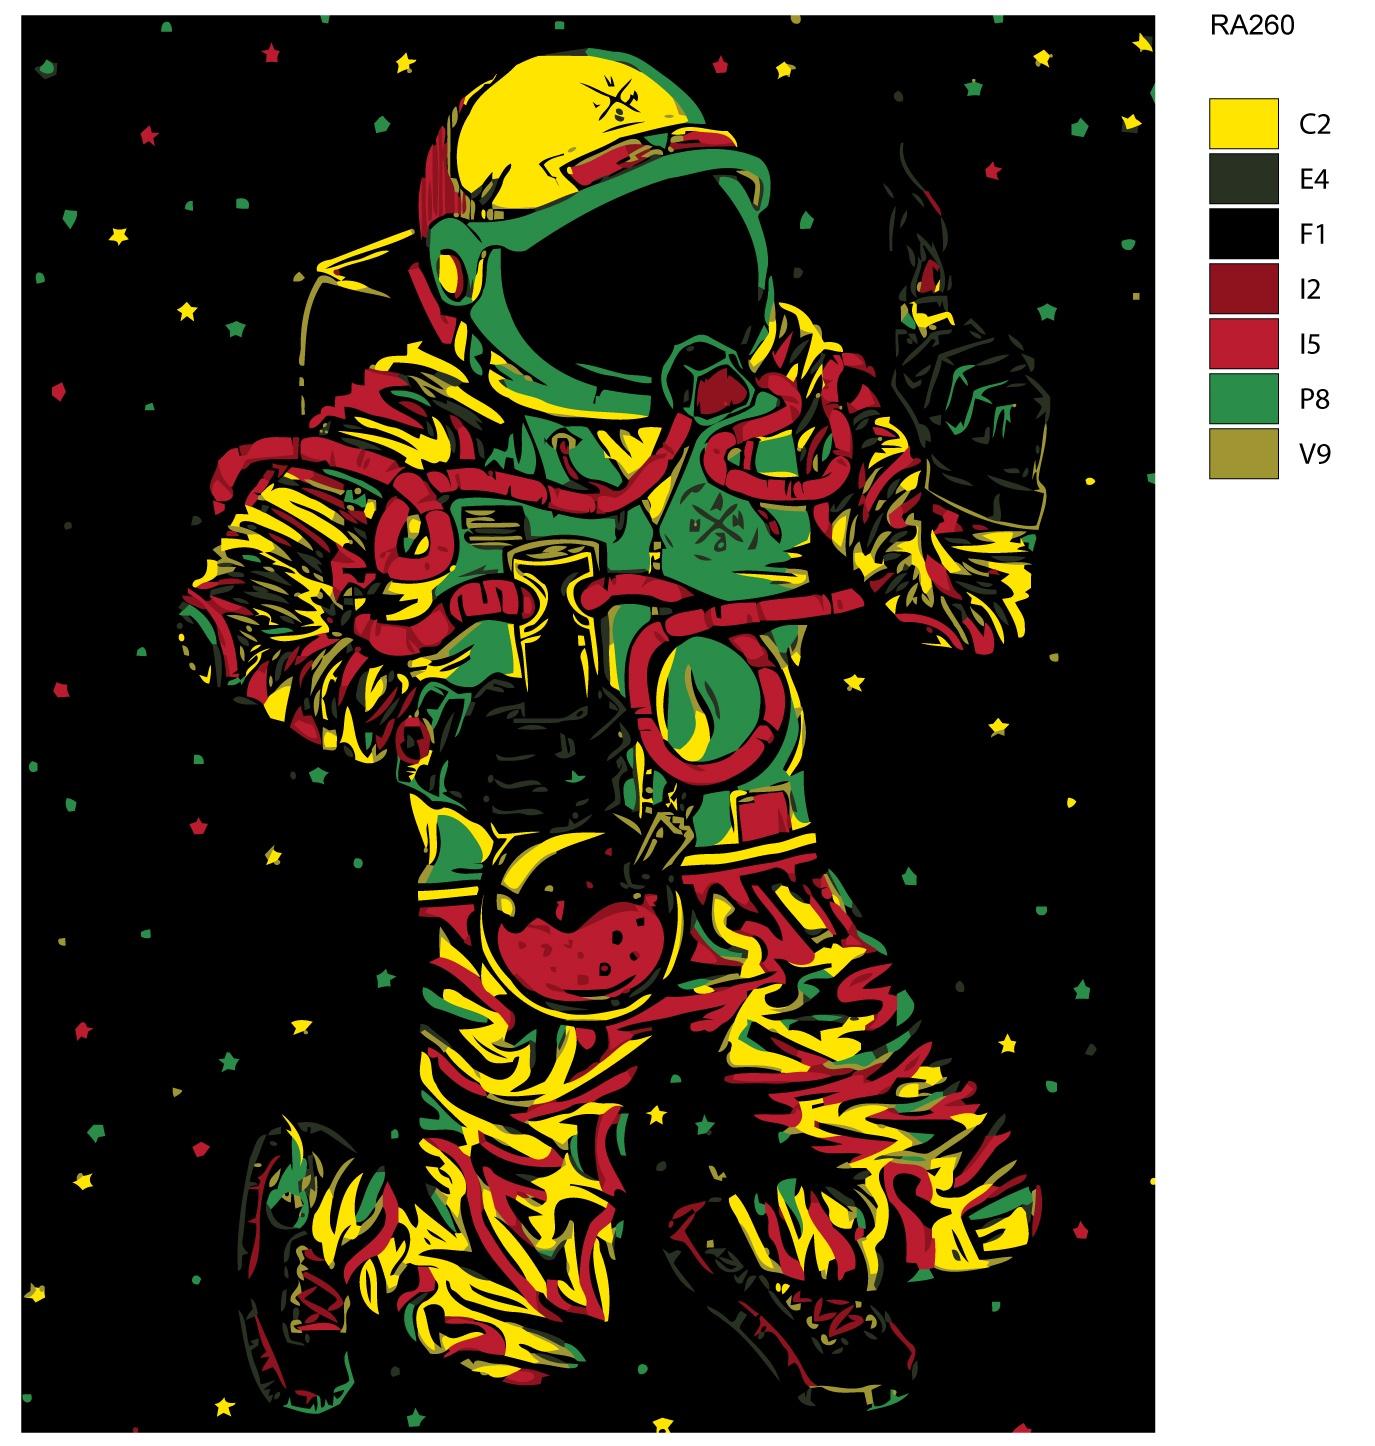 Поздравление для, космонавт крутые четкие картинки для логотипа